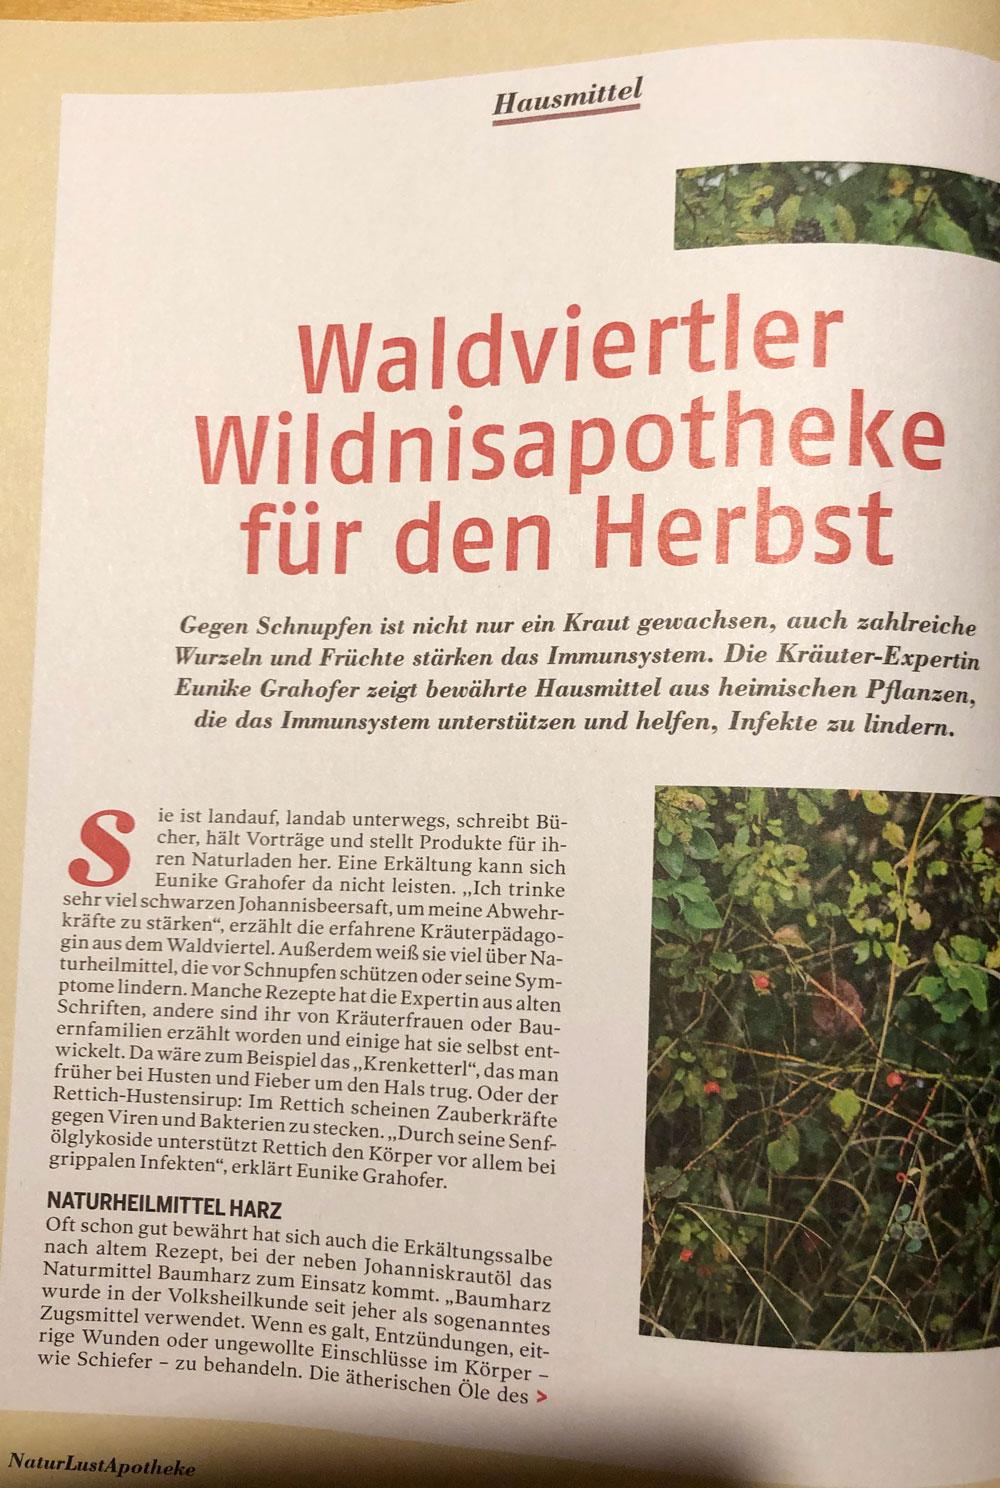 Titelseite Artikel Waldviertler Wildnisapotheke fuer den Herbst